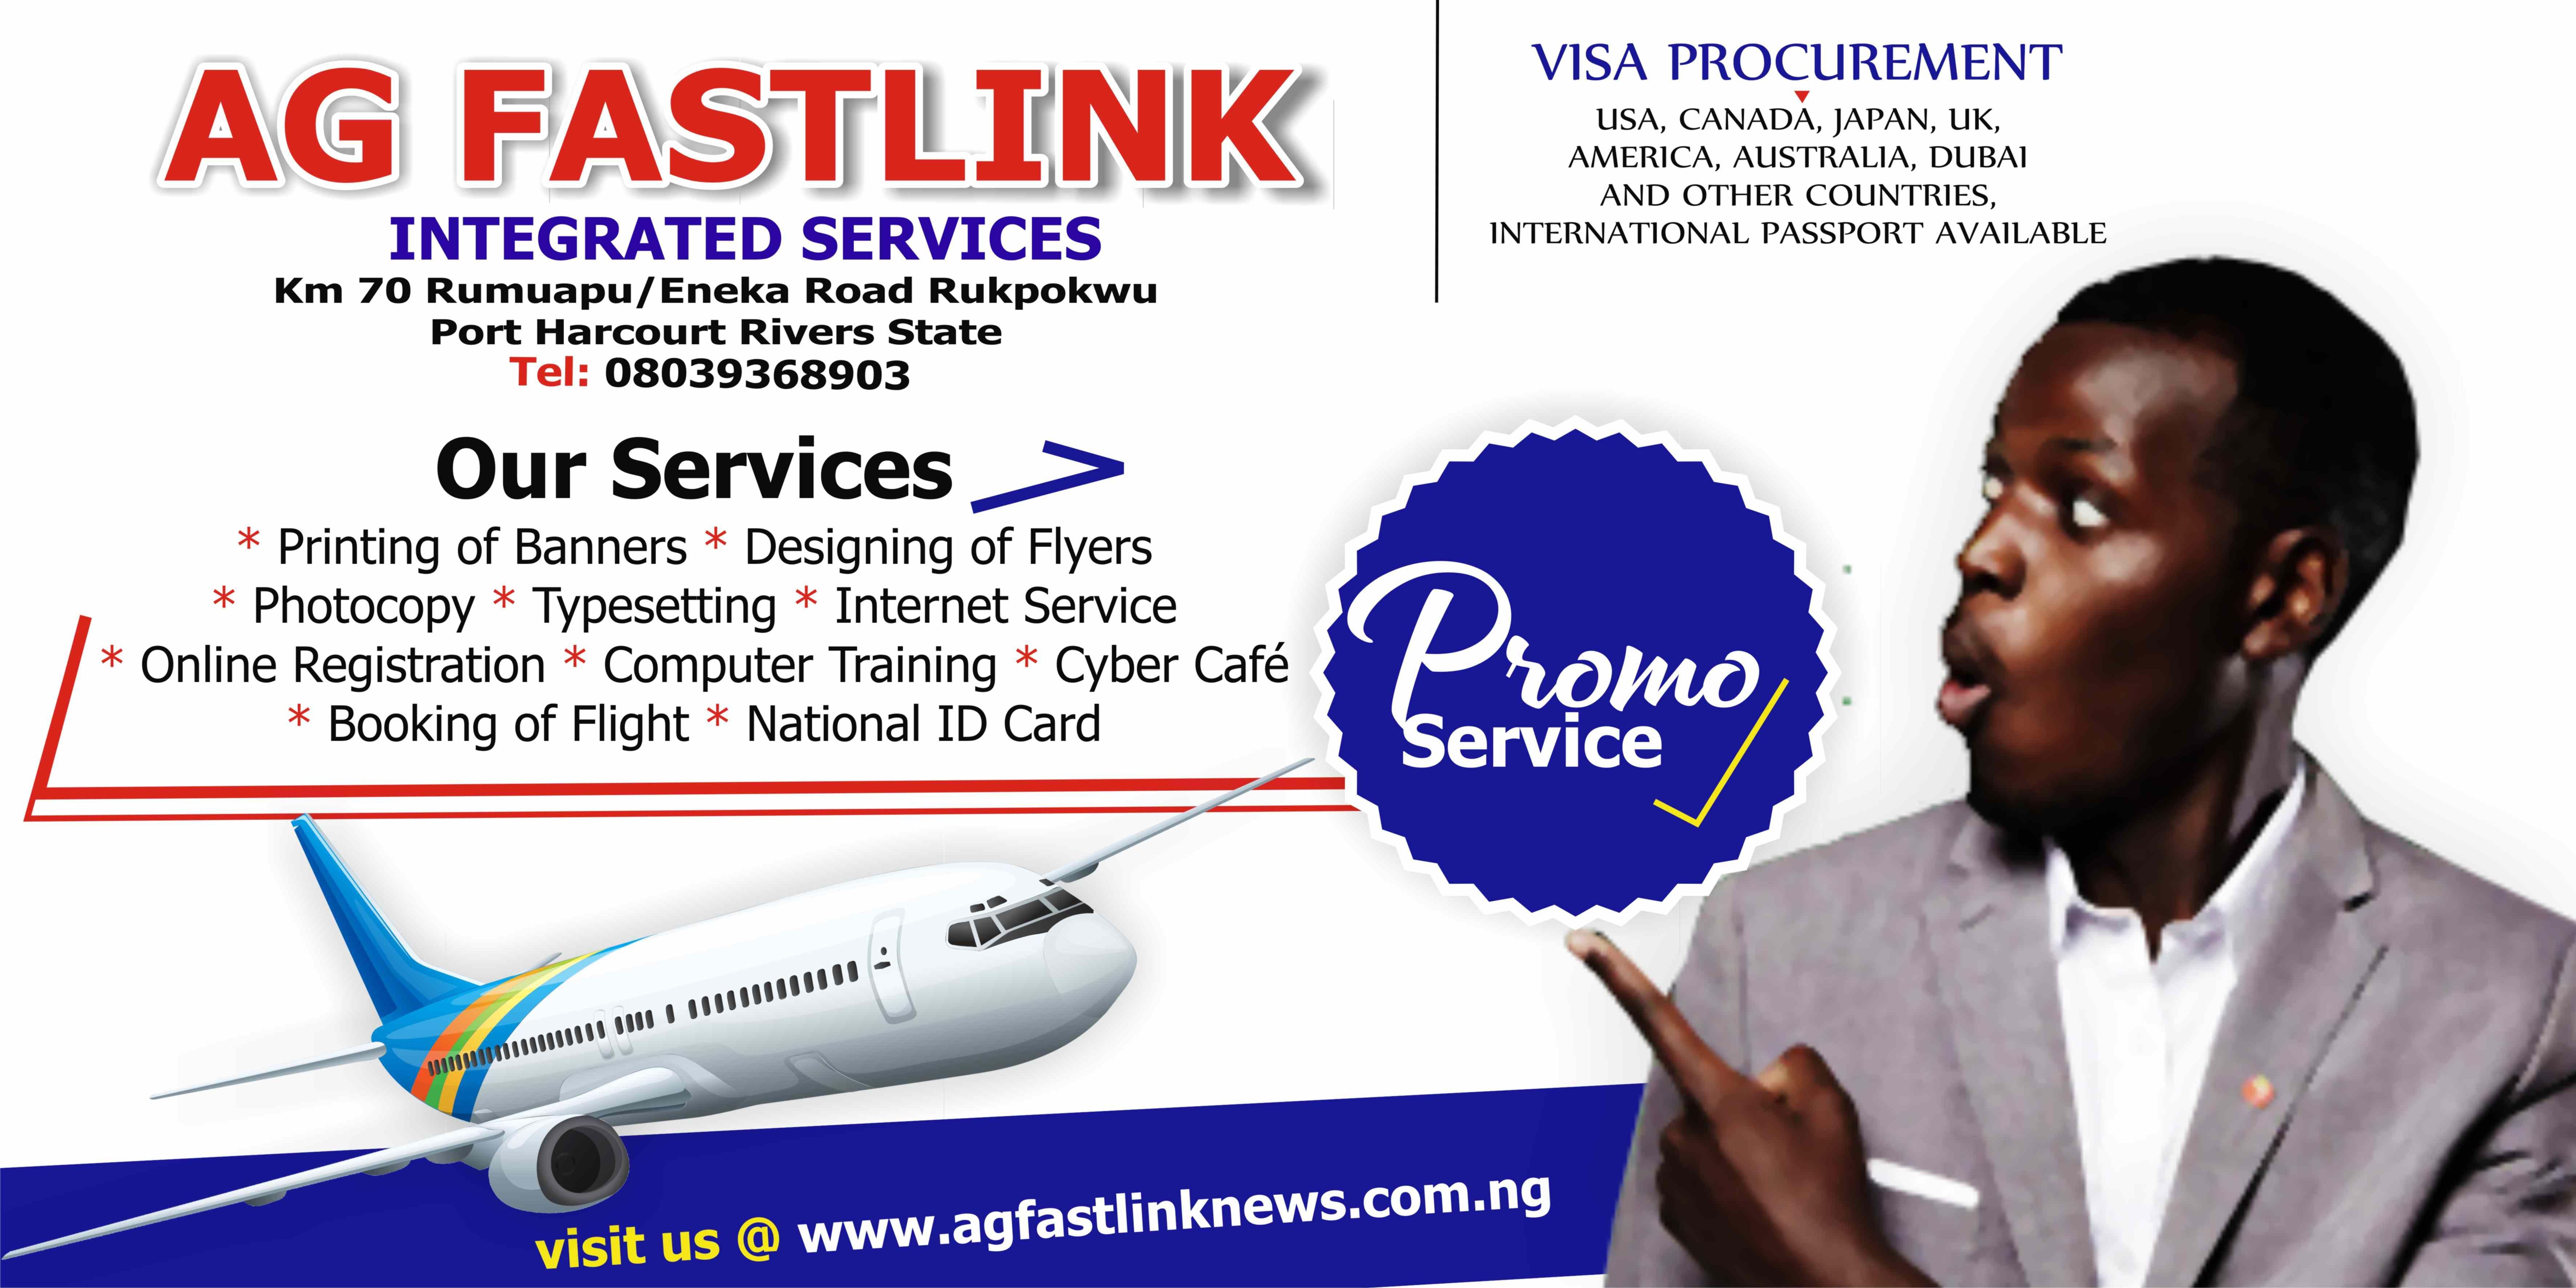 Ag Fastlink Integrated Services Cyber Cafe International Hotels Online Registration